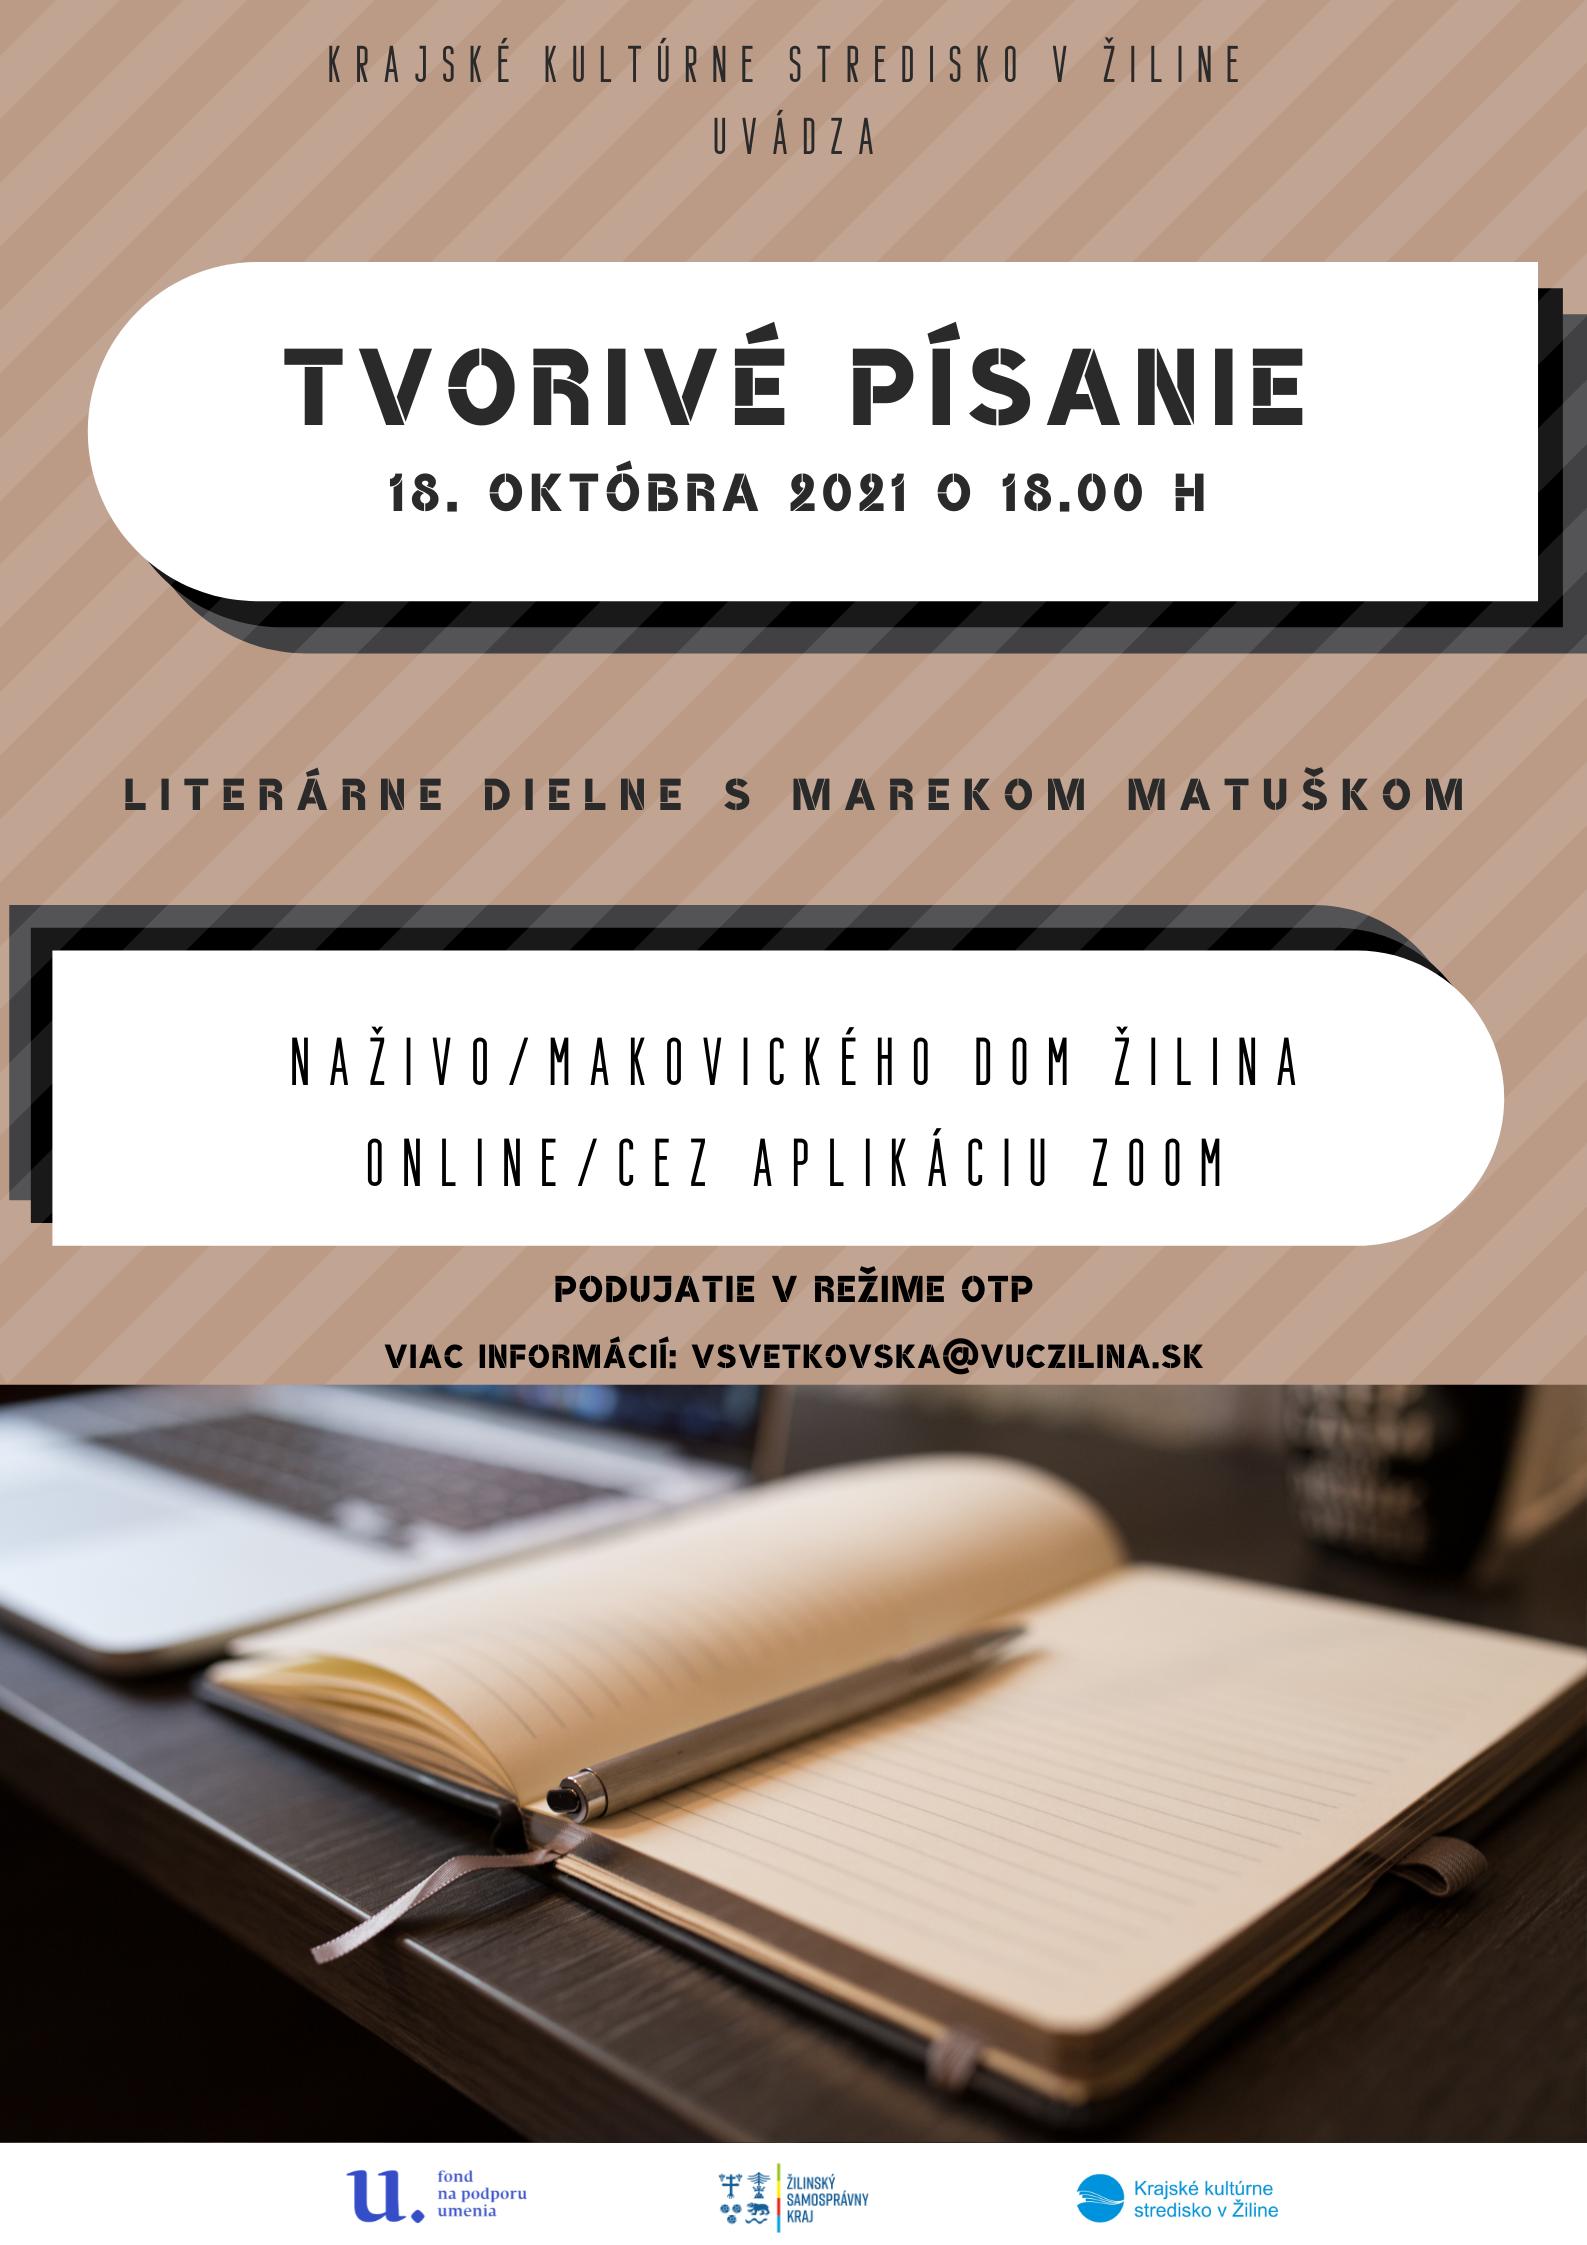 Tvorivé písanie – prezenčne i online!